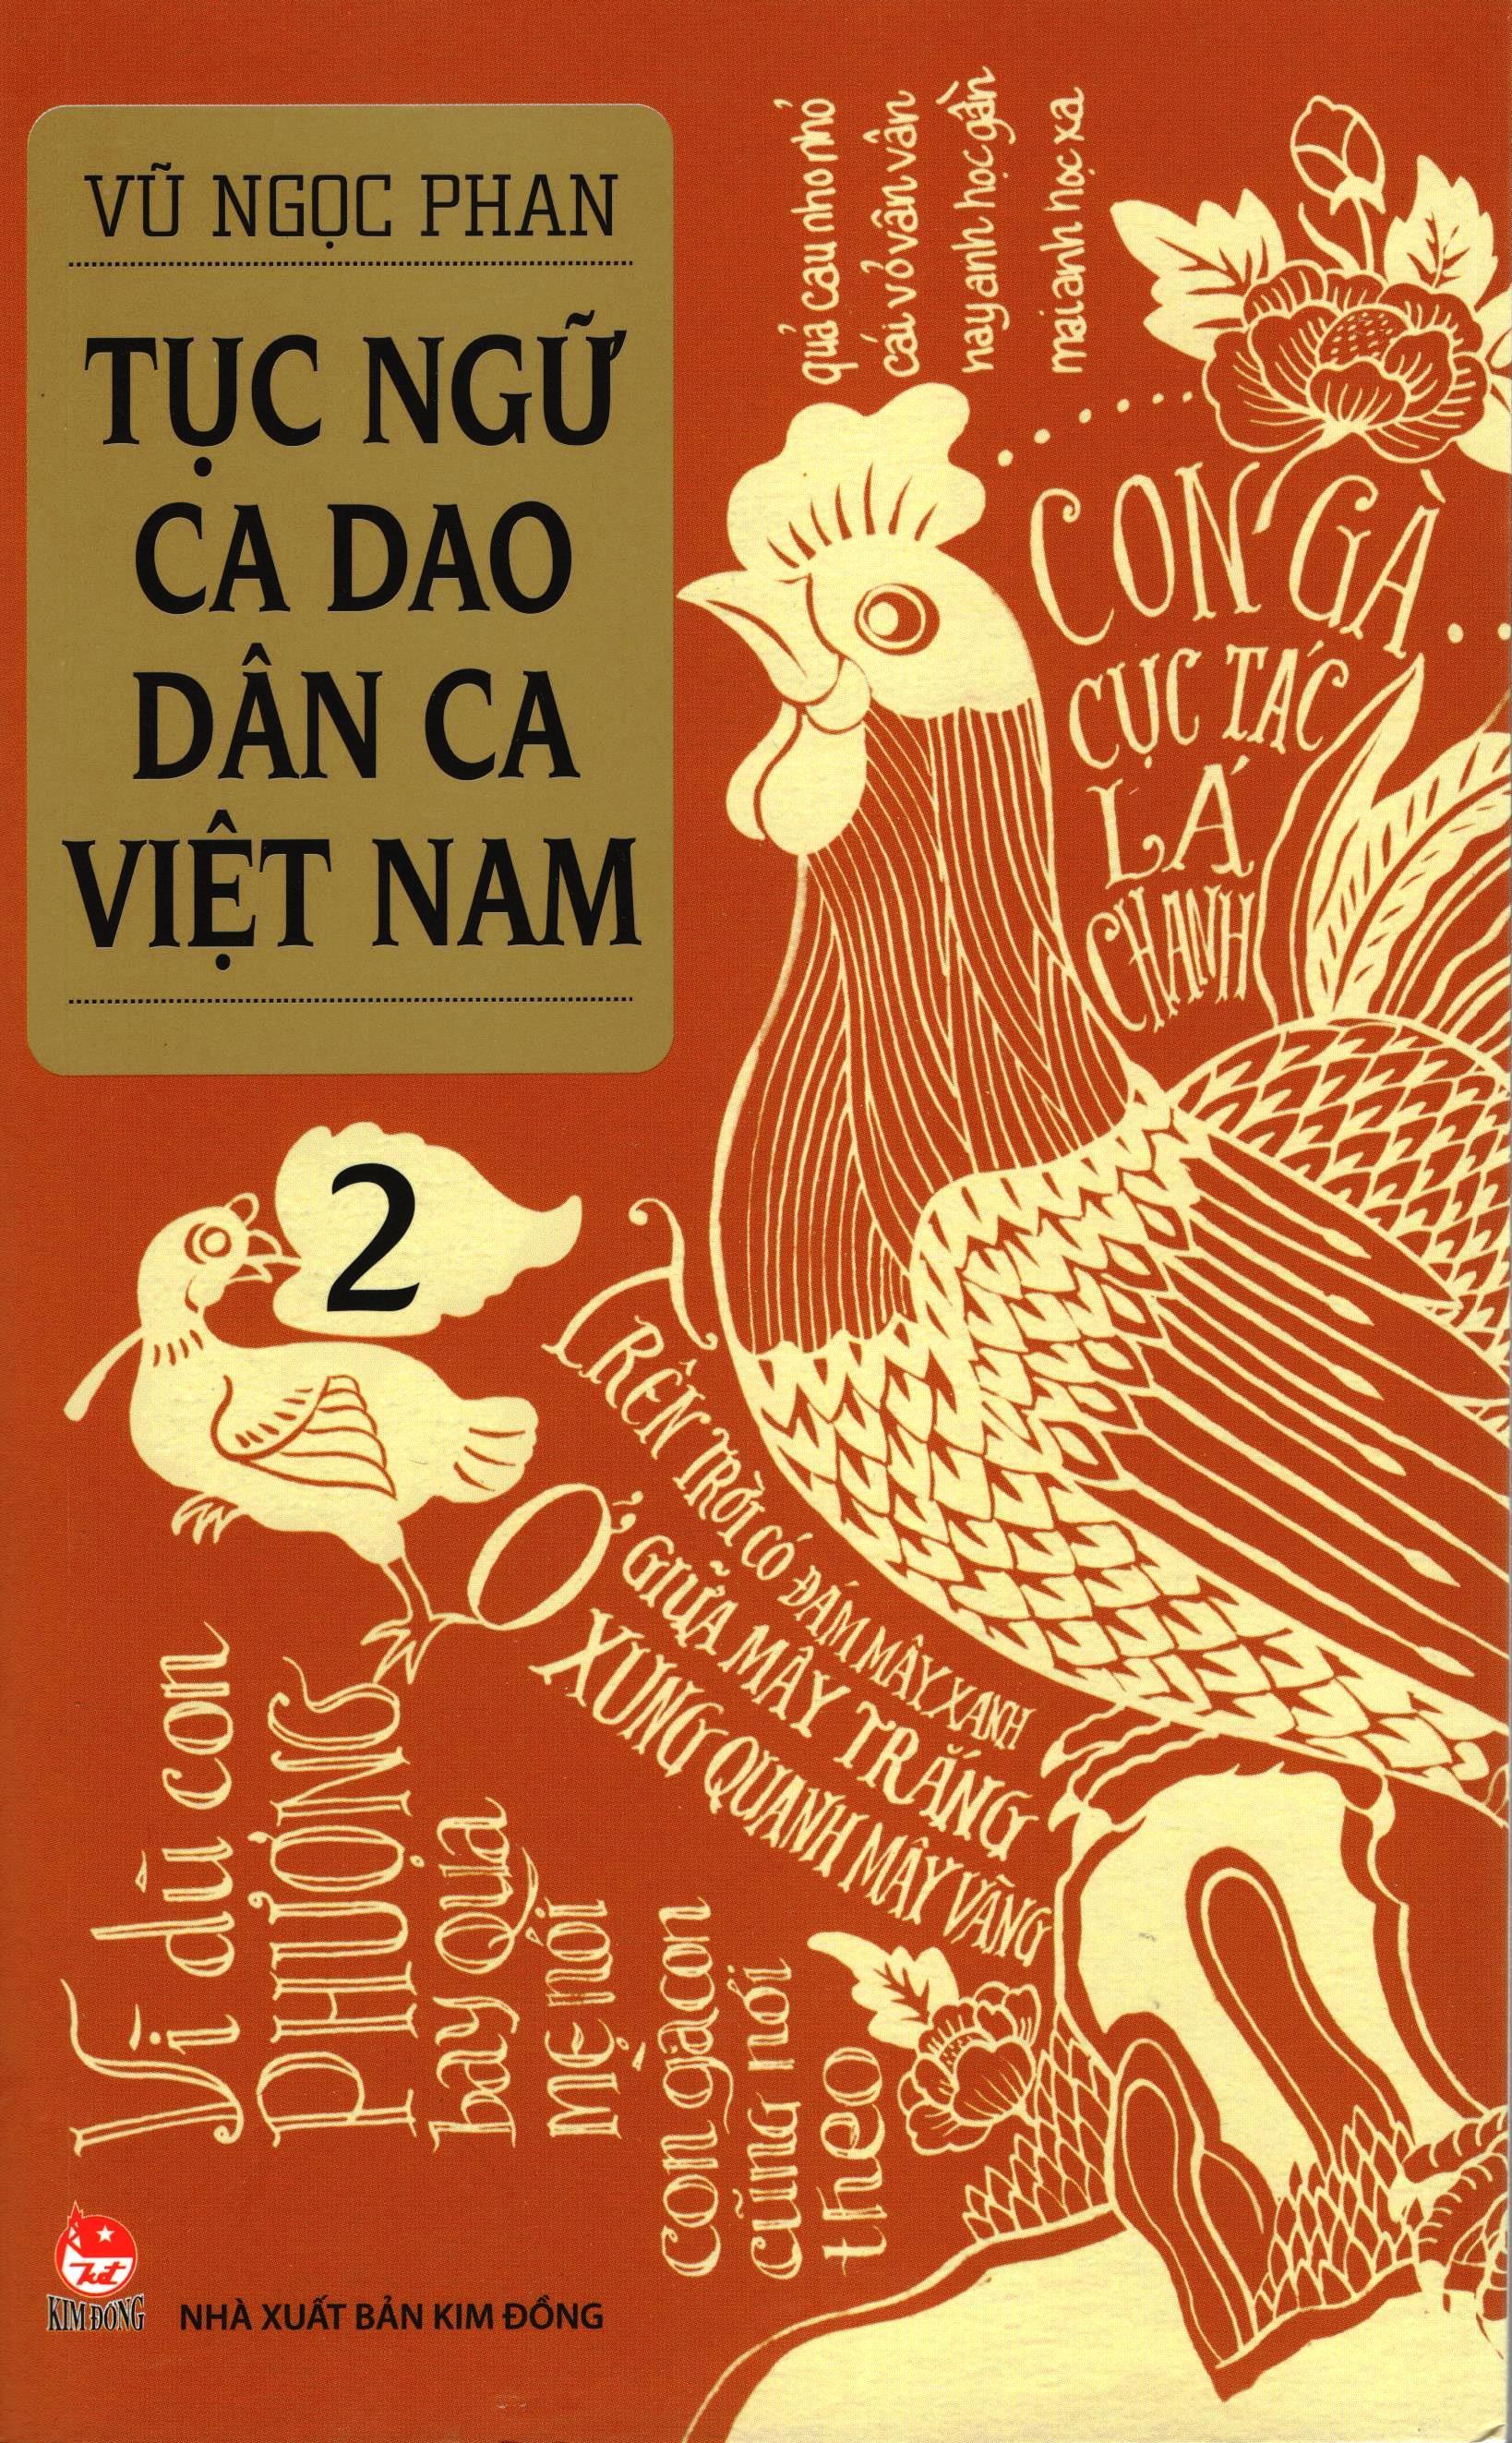 Bìa sách Tục ngữ - Ca dao - Dân ca Việt Nam - 2